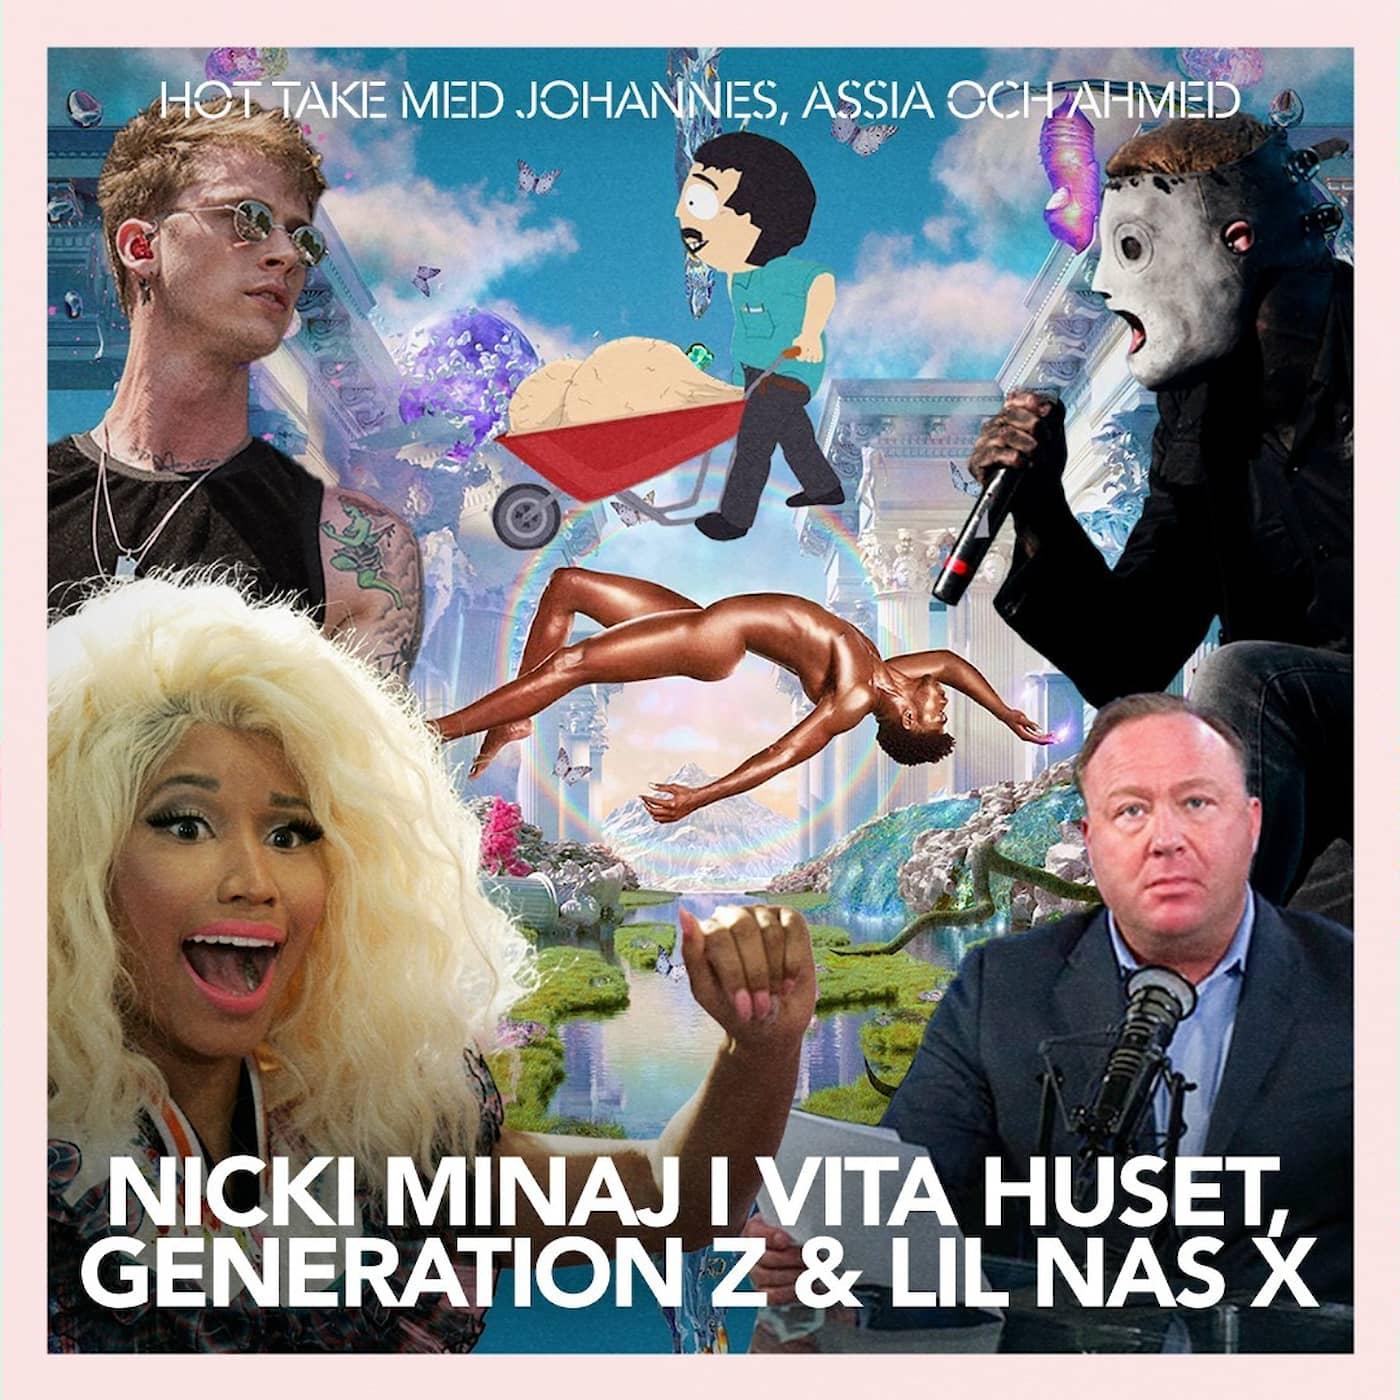 Nicki Minaj i Vita Huset, Generation Z & Lil Nas X